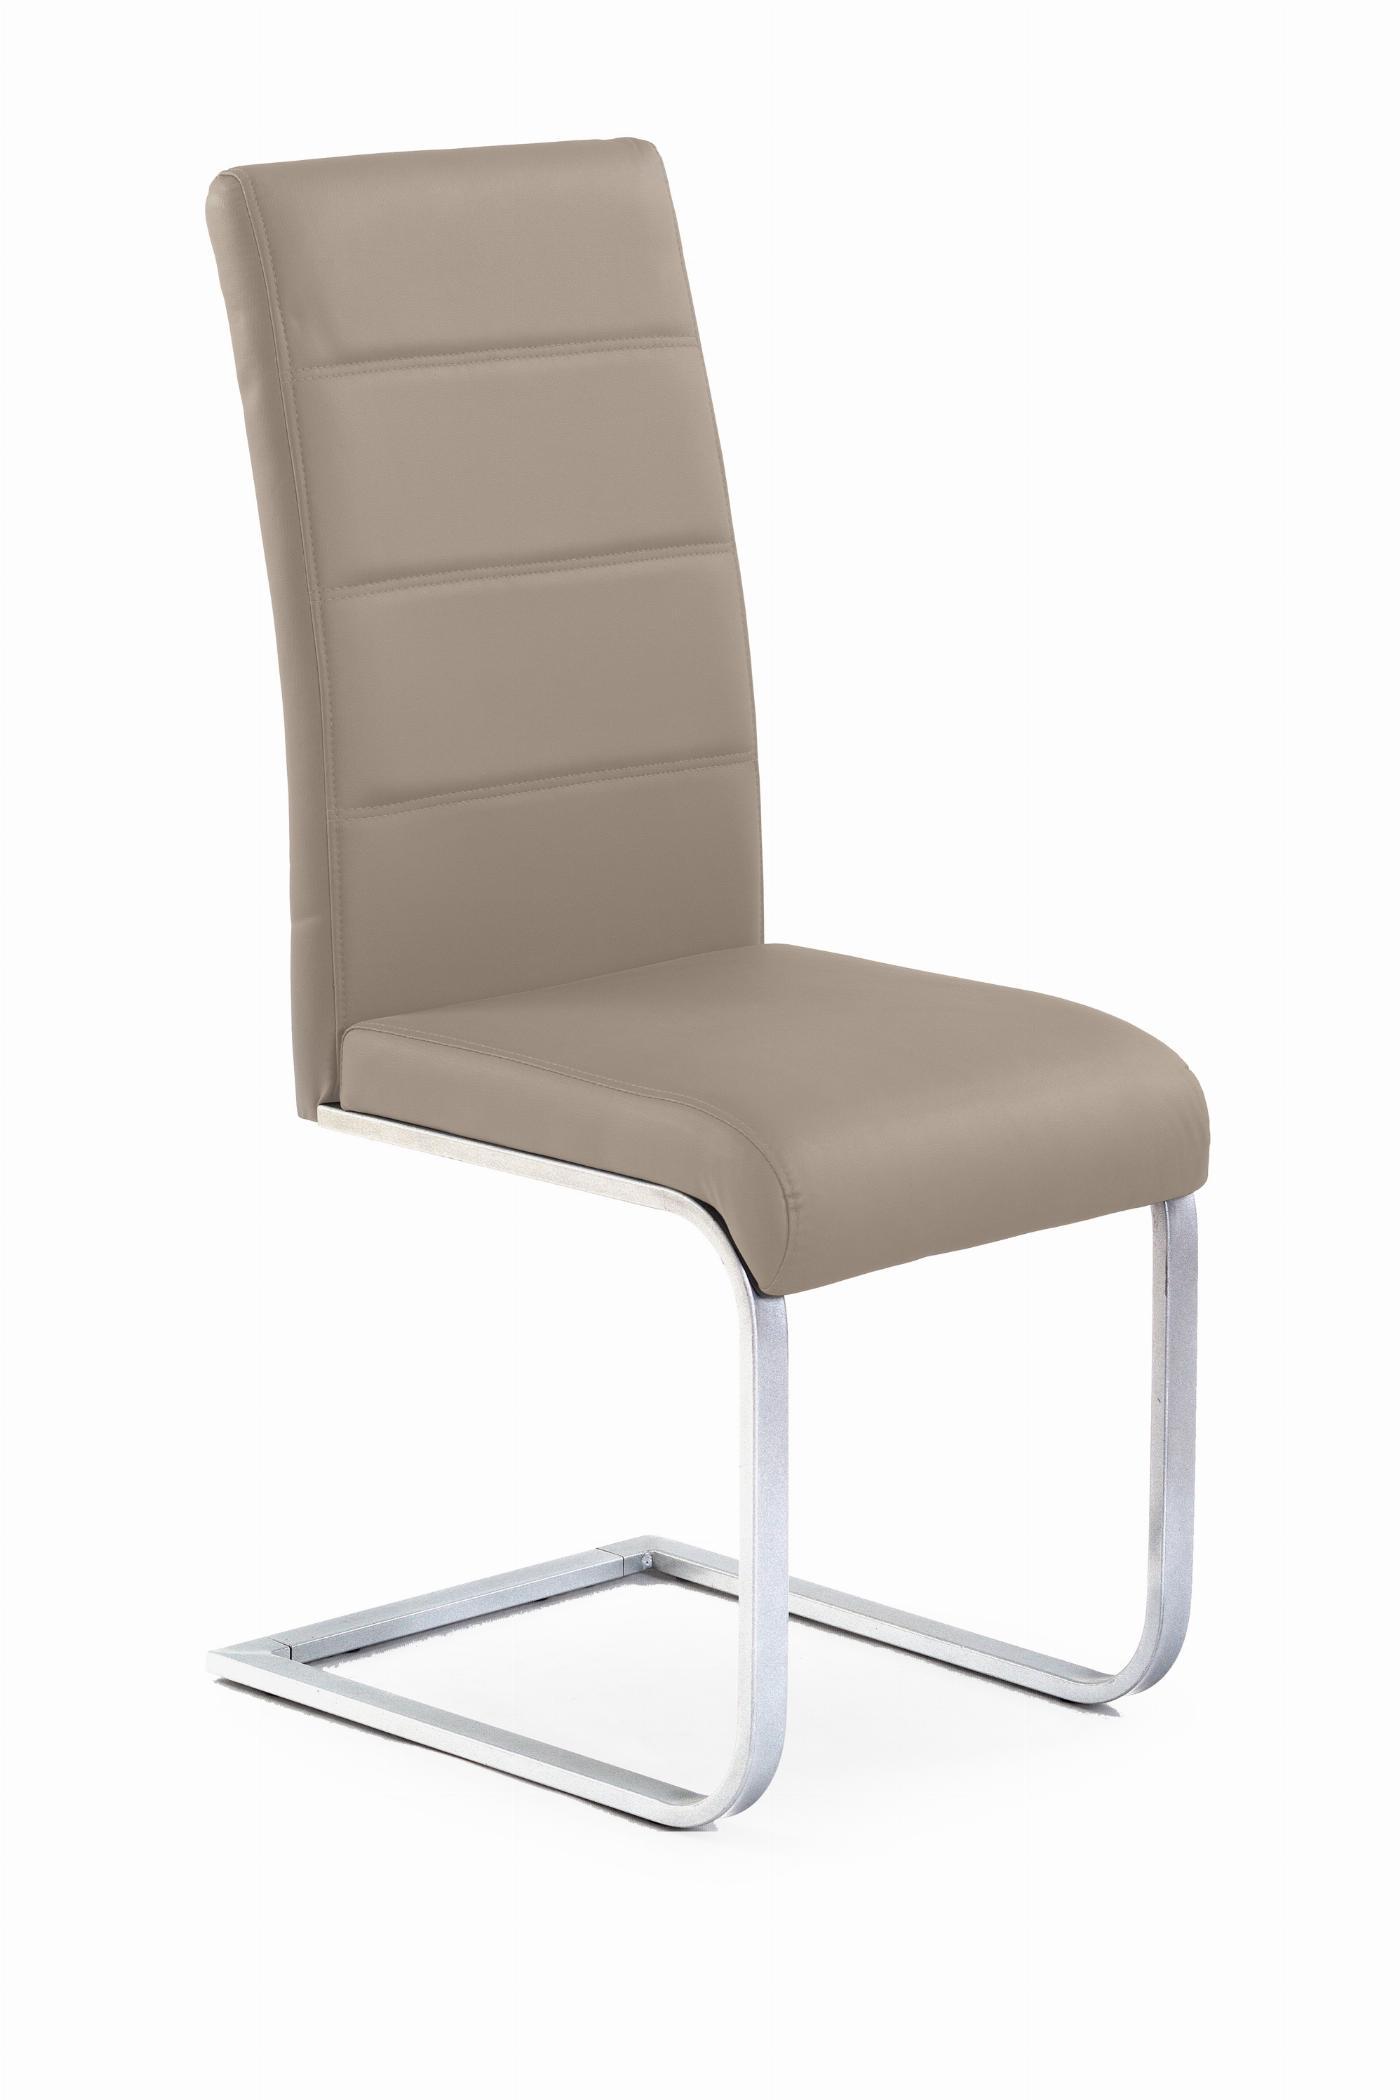 K85 krzesło cappucino (1p=4szt)